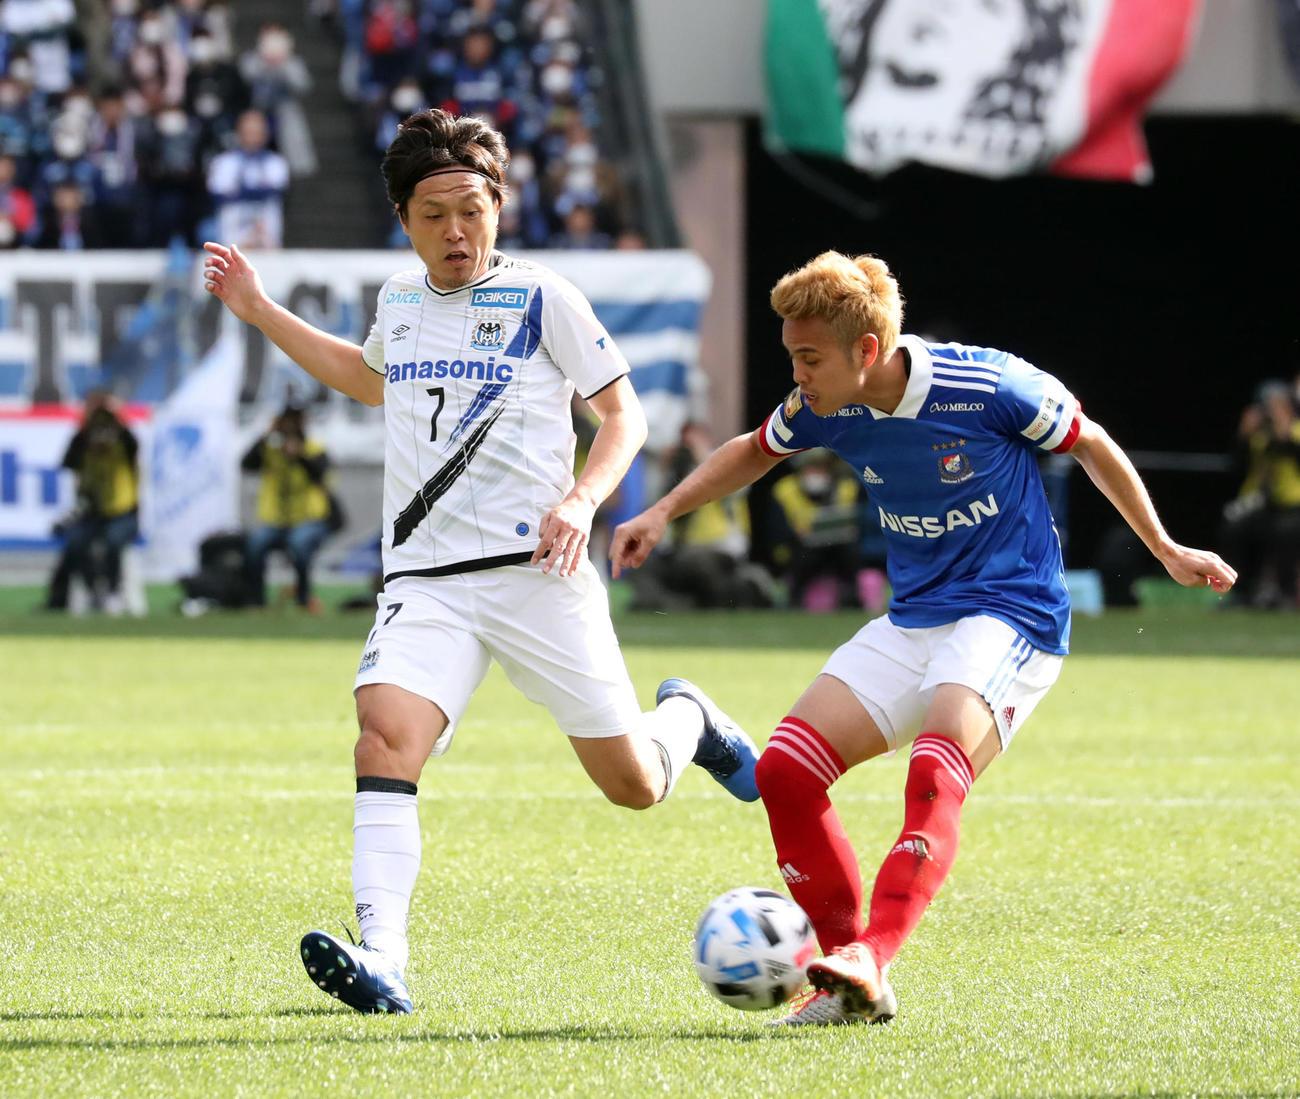 横浜対G大阪 前半、先発出場を果たしJ1通算最多出場記録に並んだG大阪MF遠藤(左)は相手に激しくプレスをかける(撮影・垰建太)